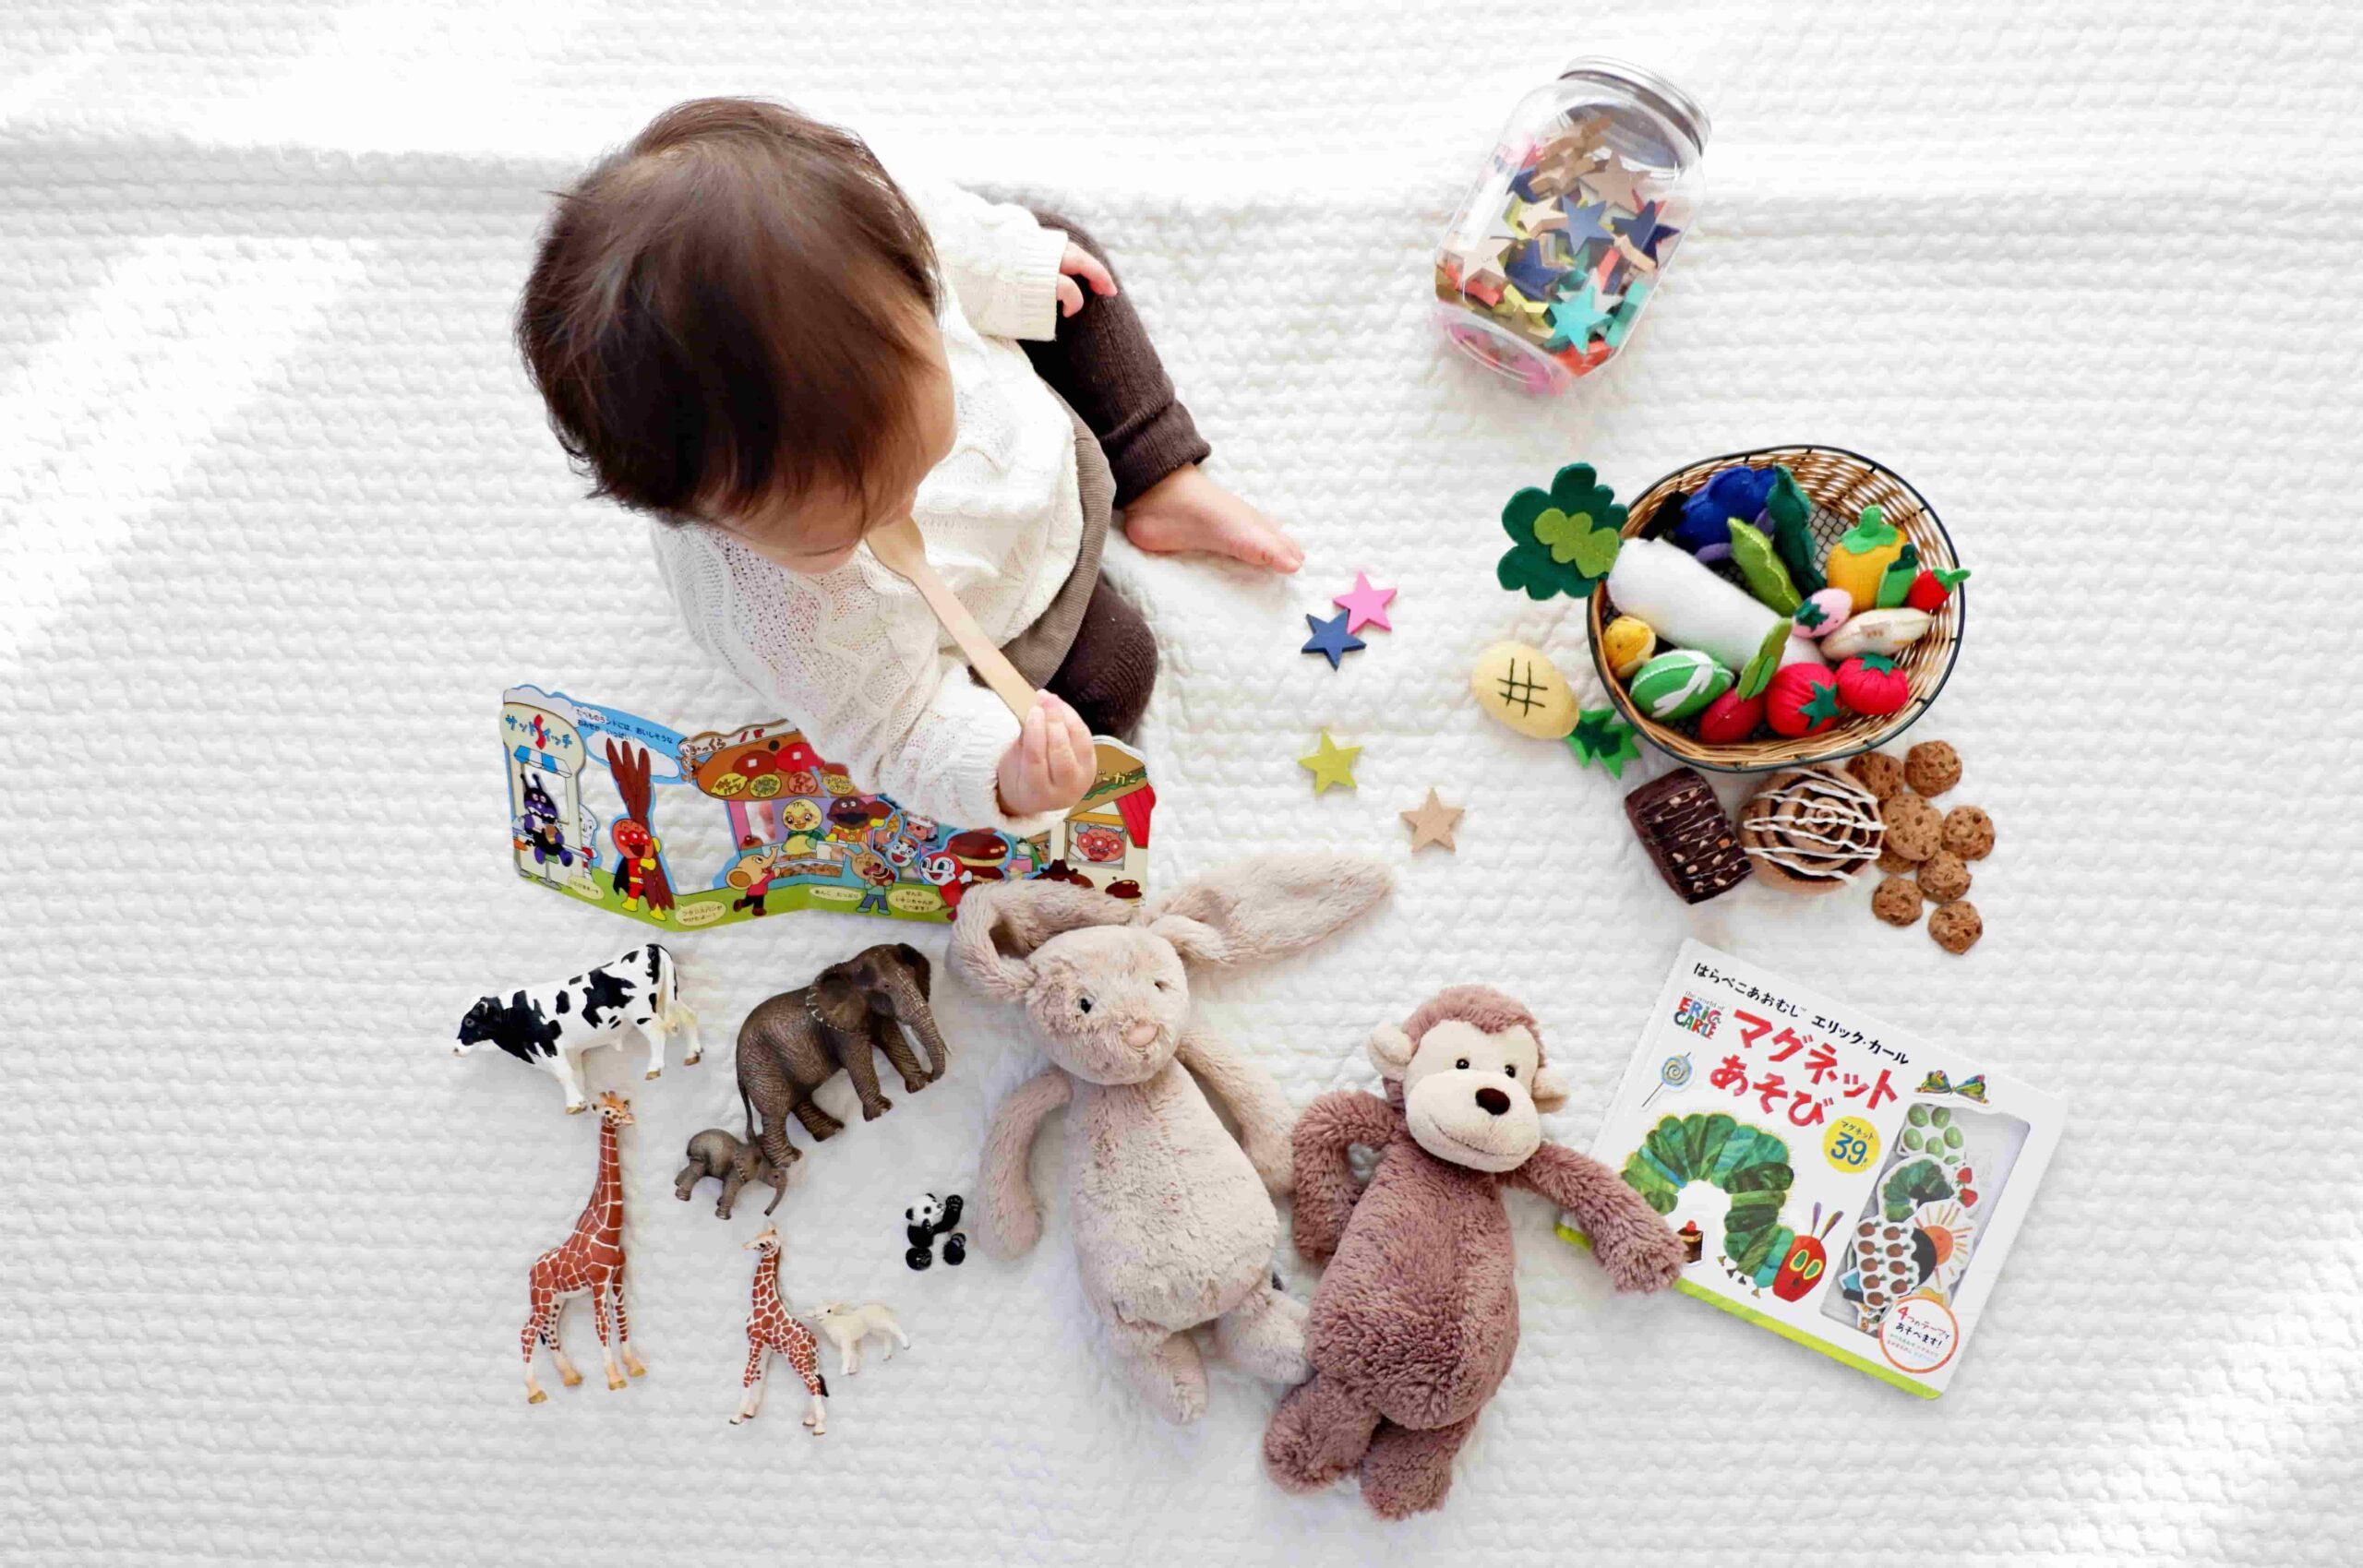 Leerzaam speelgoed voor elke leeftijd